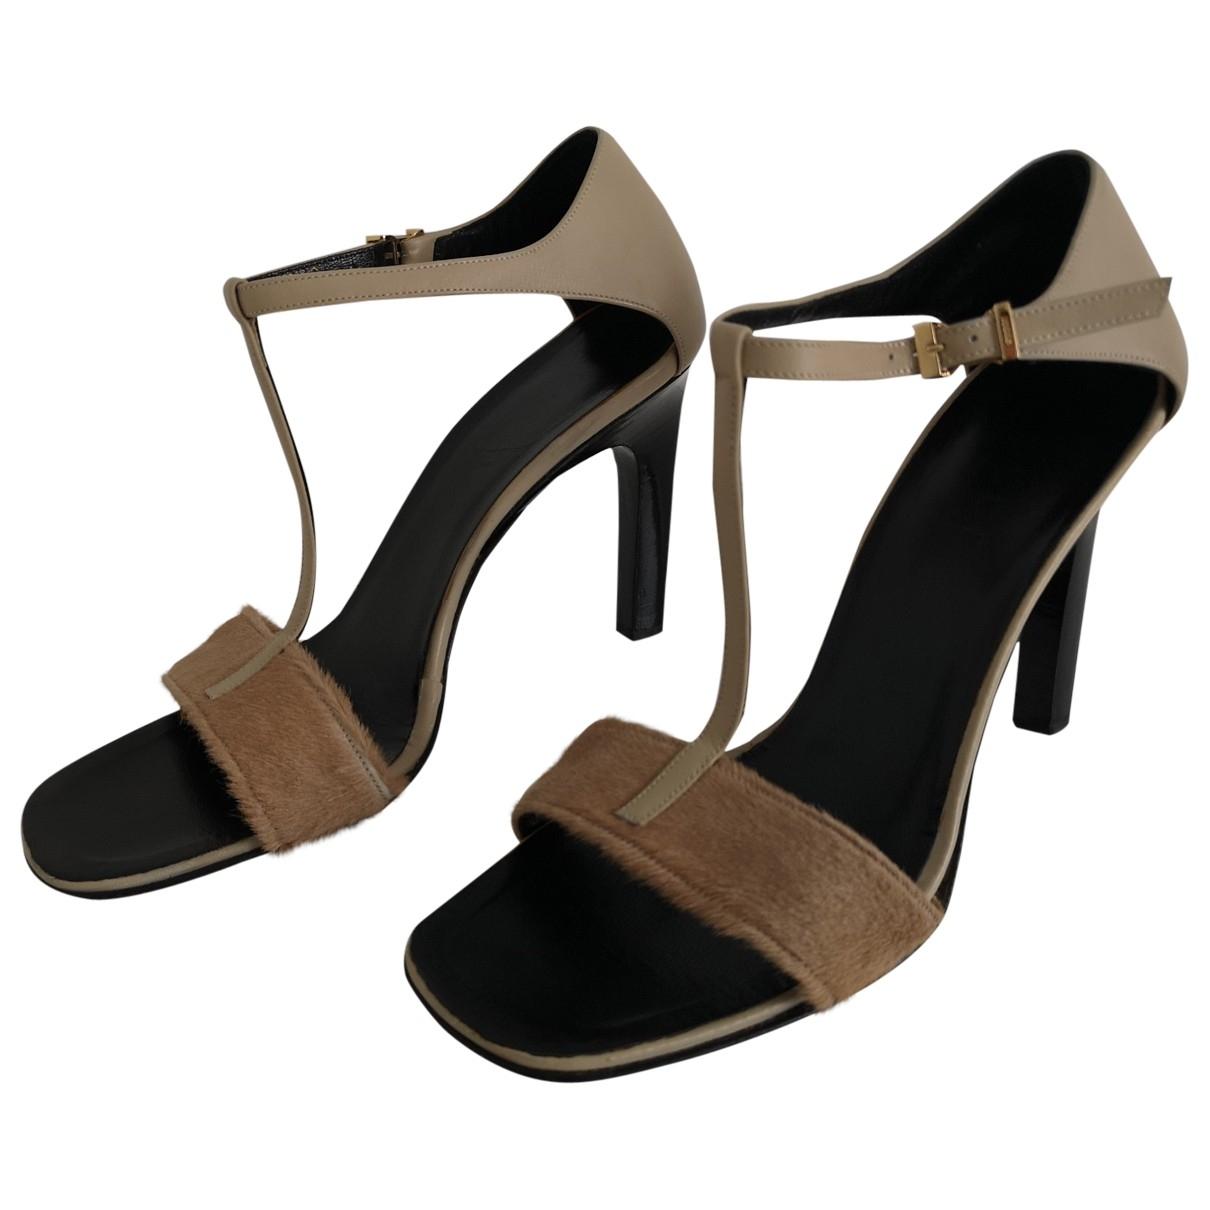 Gucci - Sandales   pour femme en cuir - beige